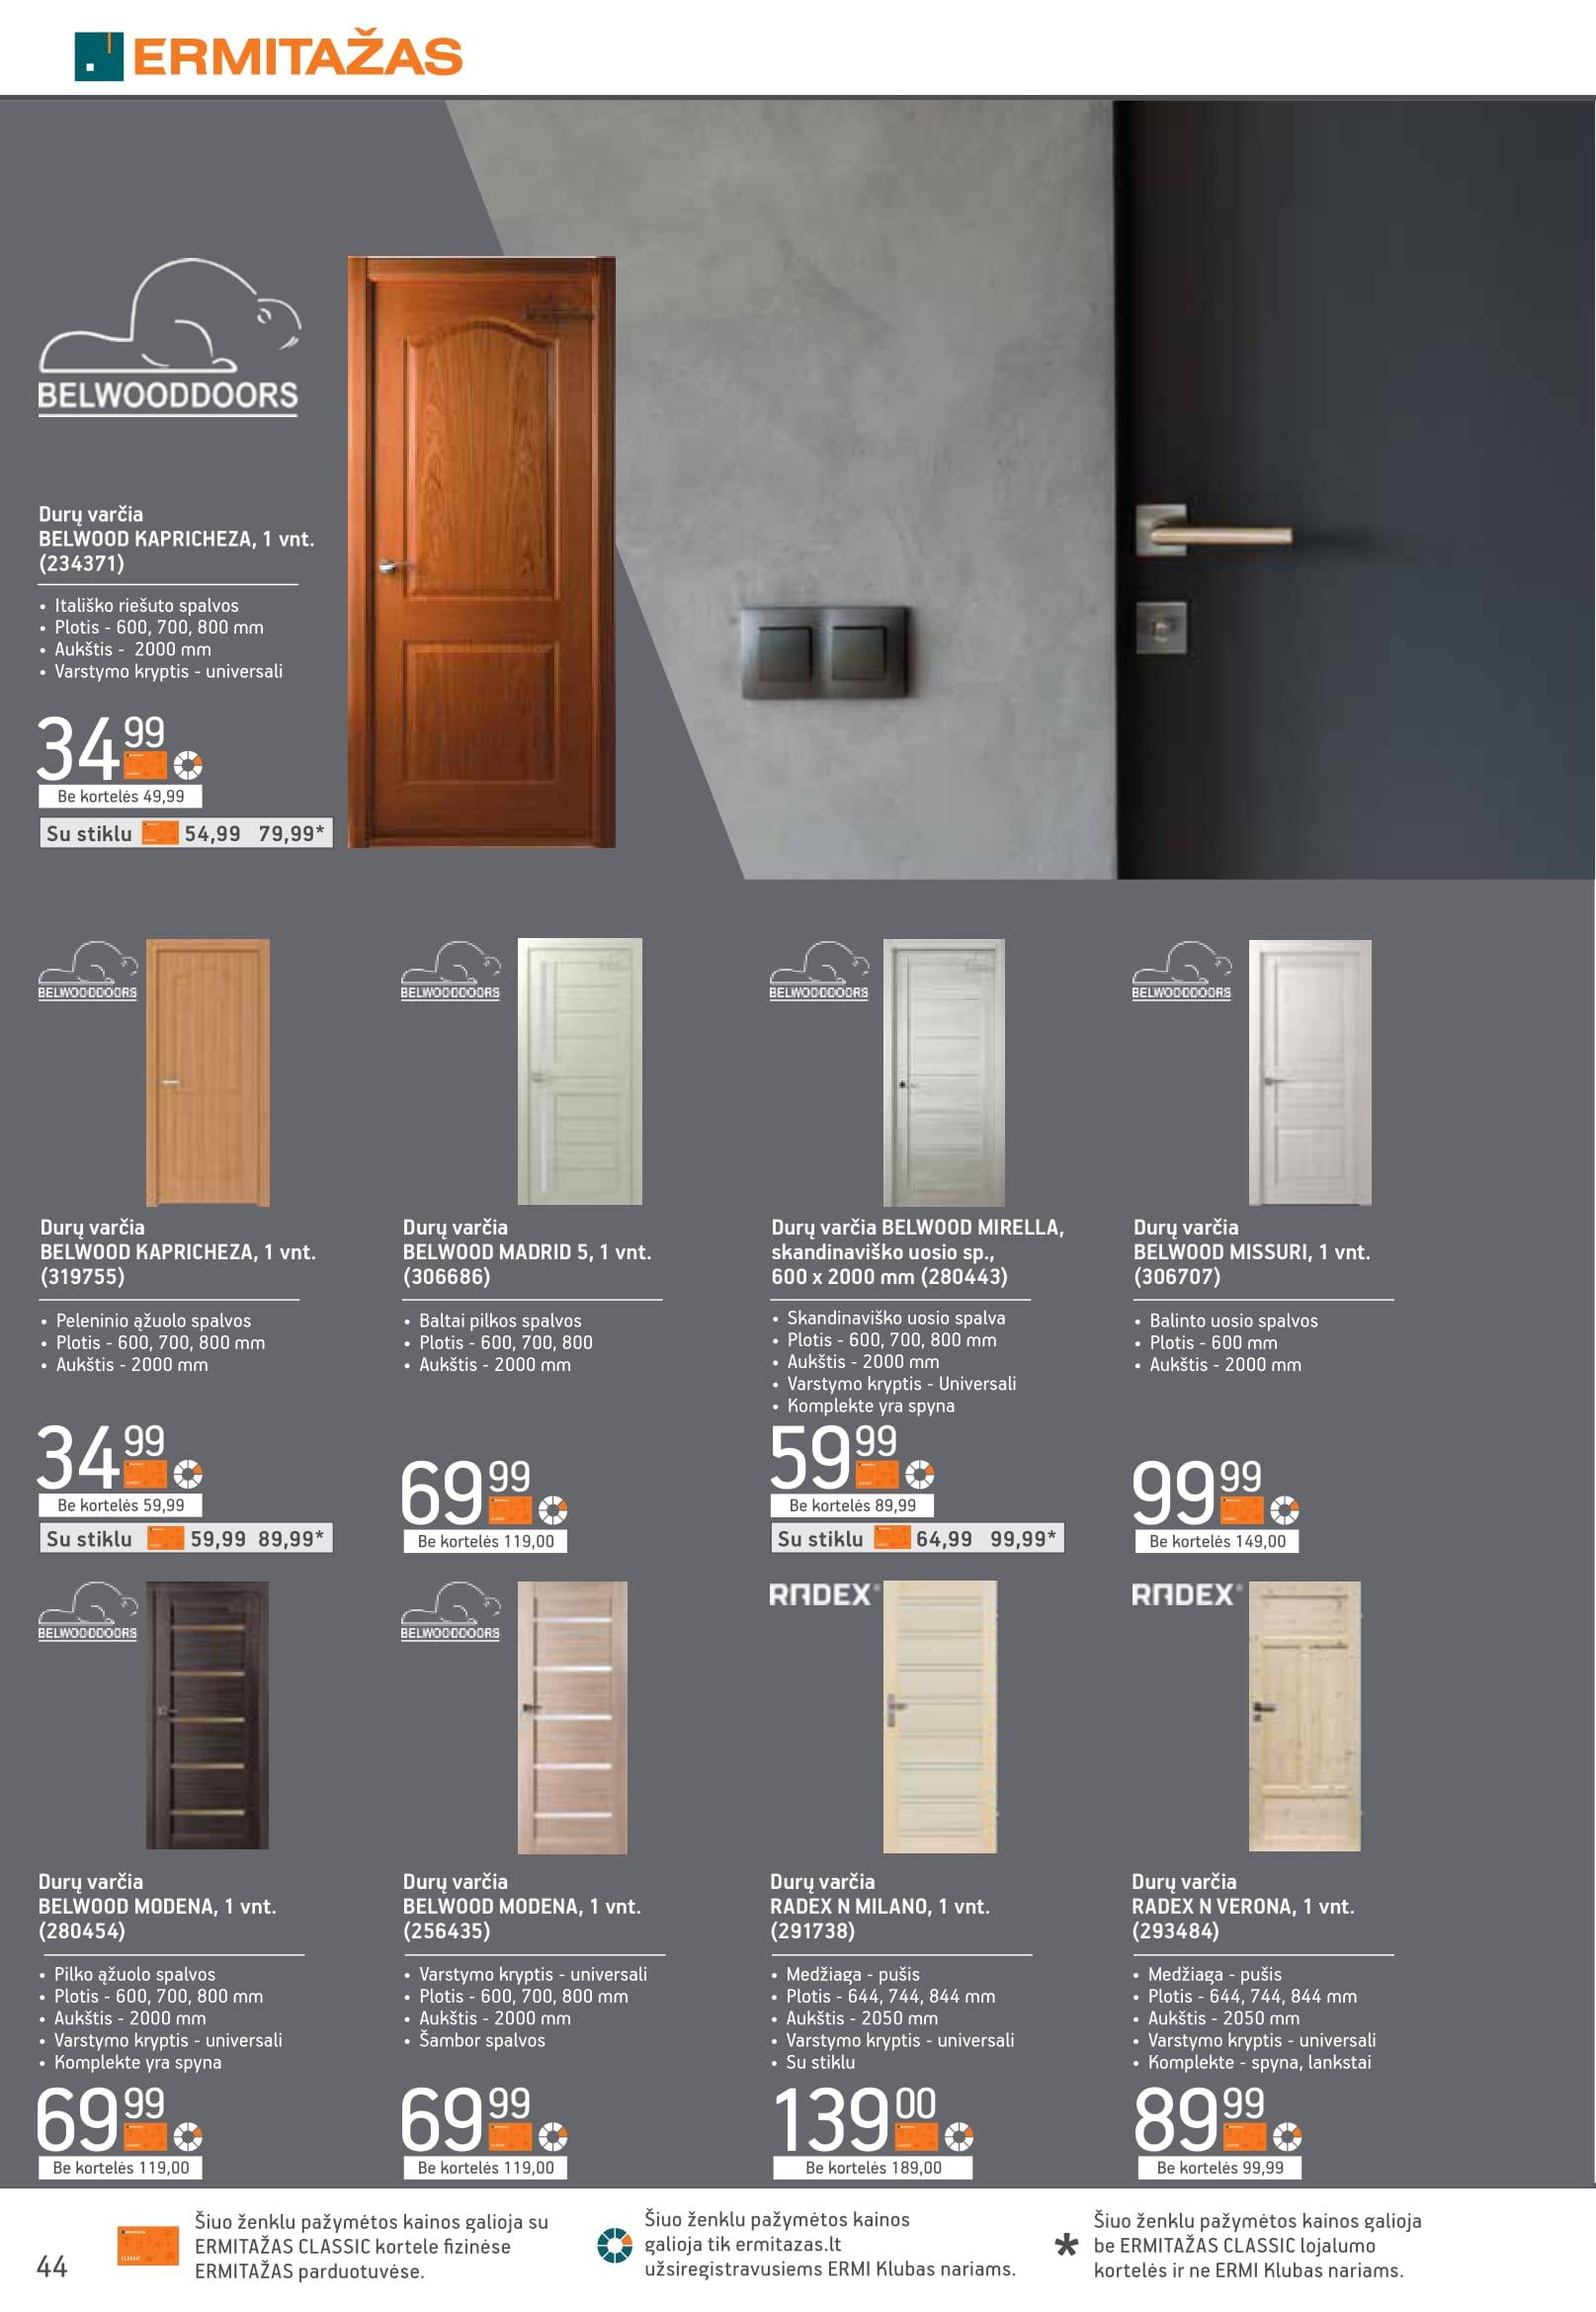 """ERMITAZAS katalogas """"Kad planai virstų namais"""" 2021.09.15 - 2021.10.12"""